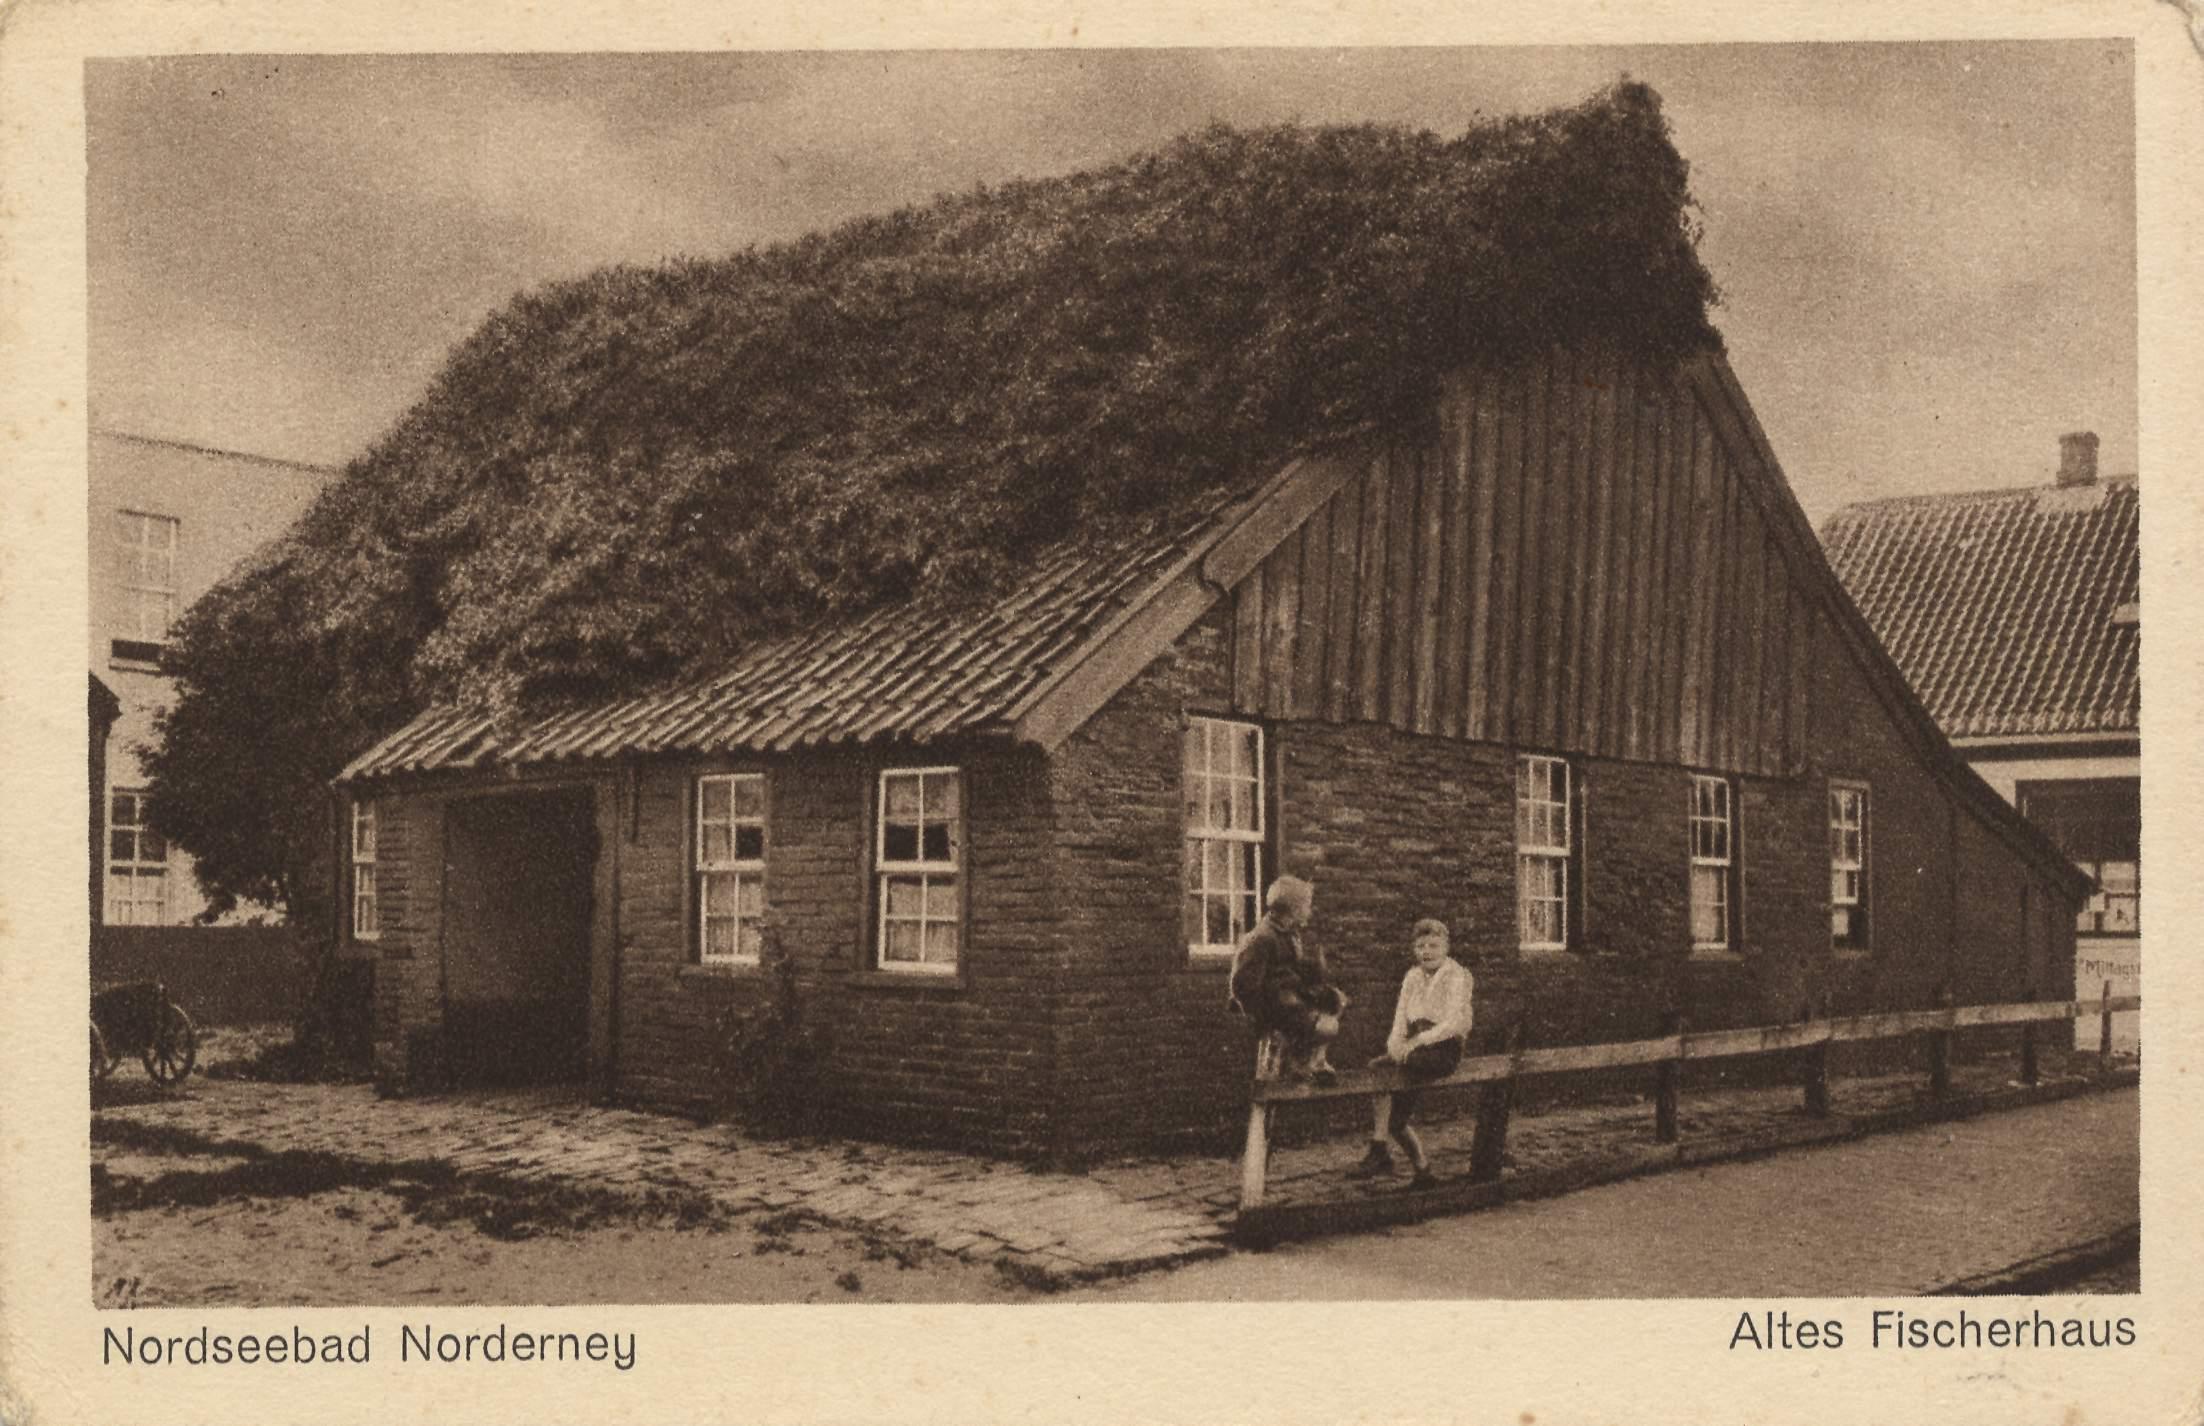 Altes Fischerhaus norderney niedersachsen altes fischerhaus zeno org